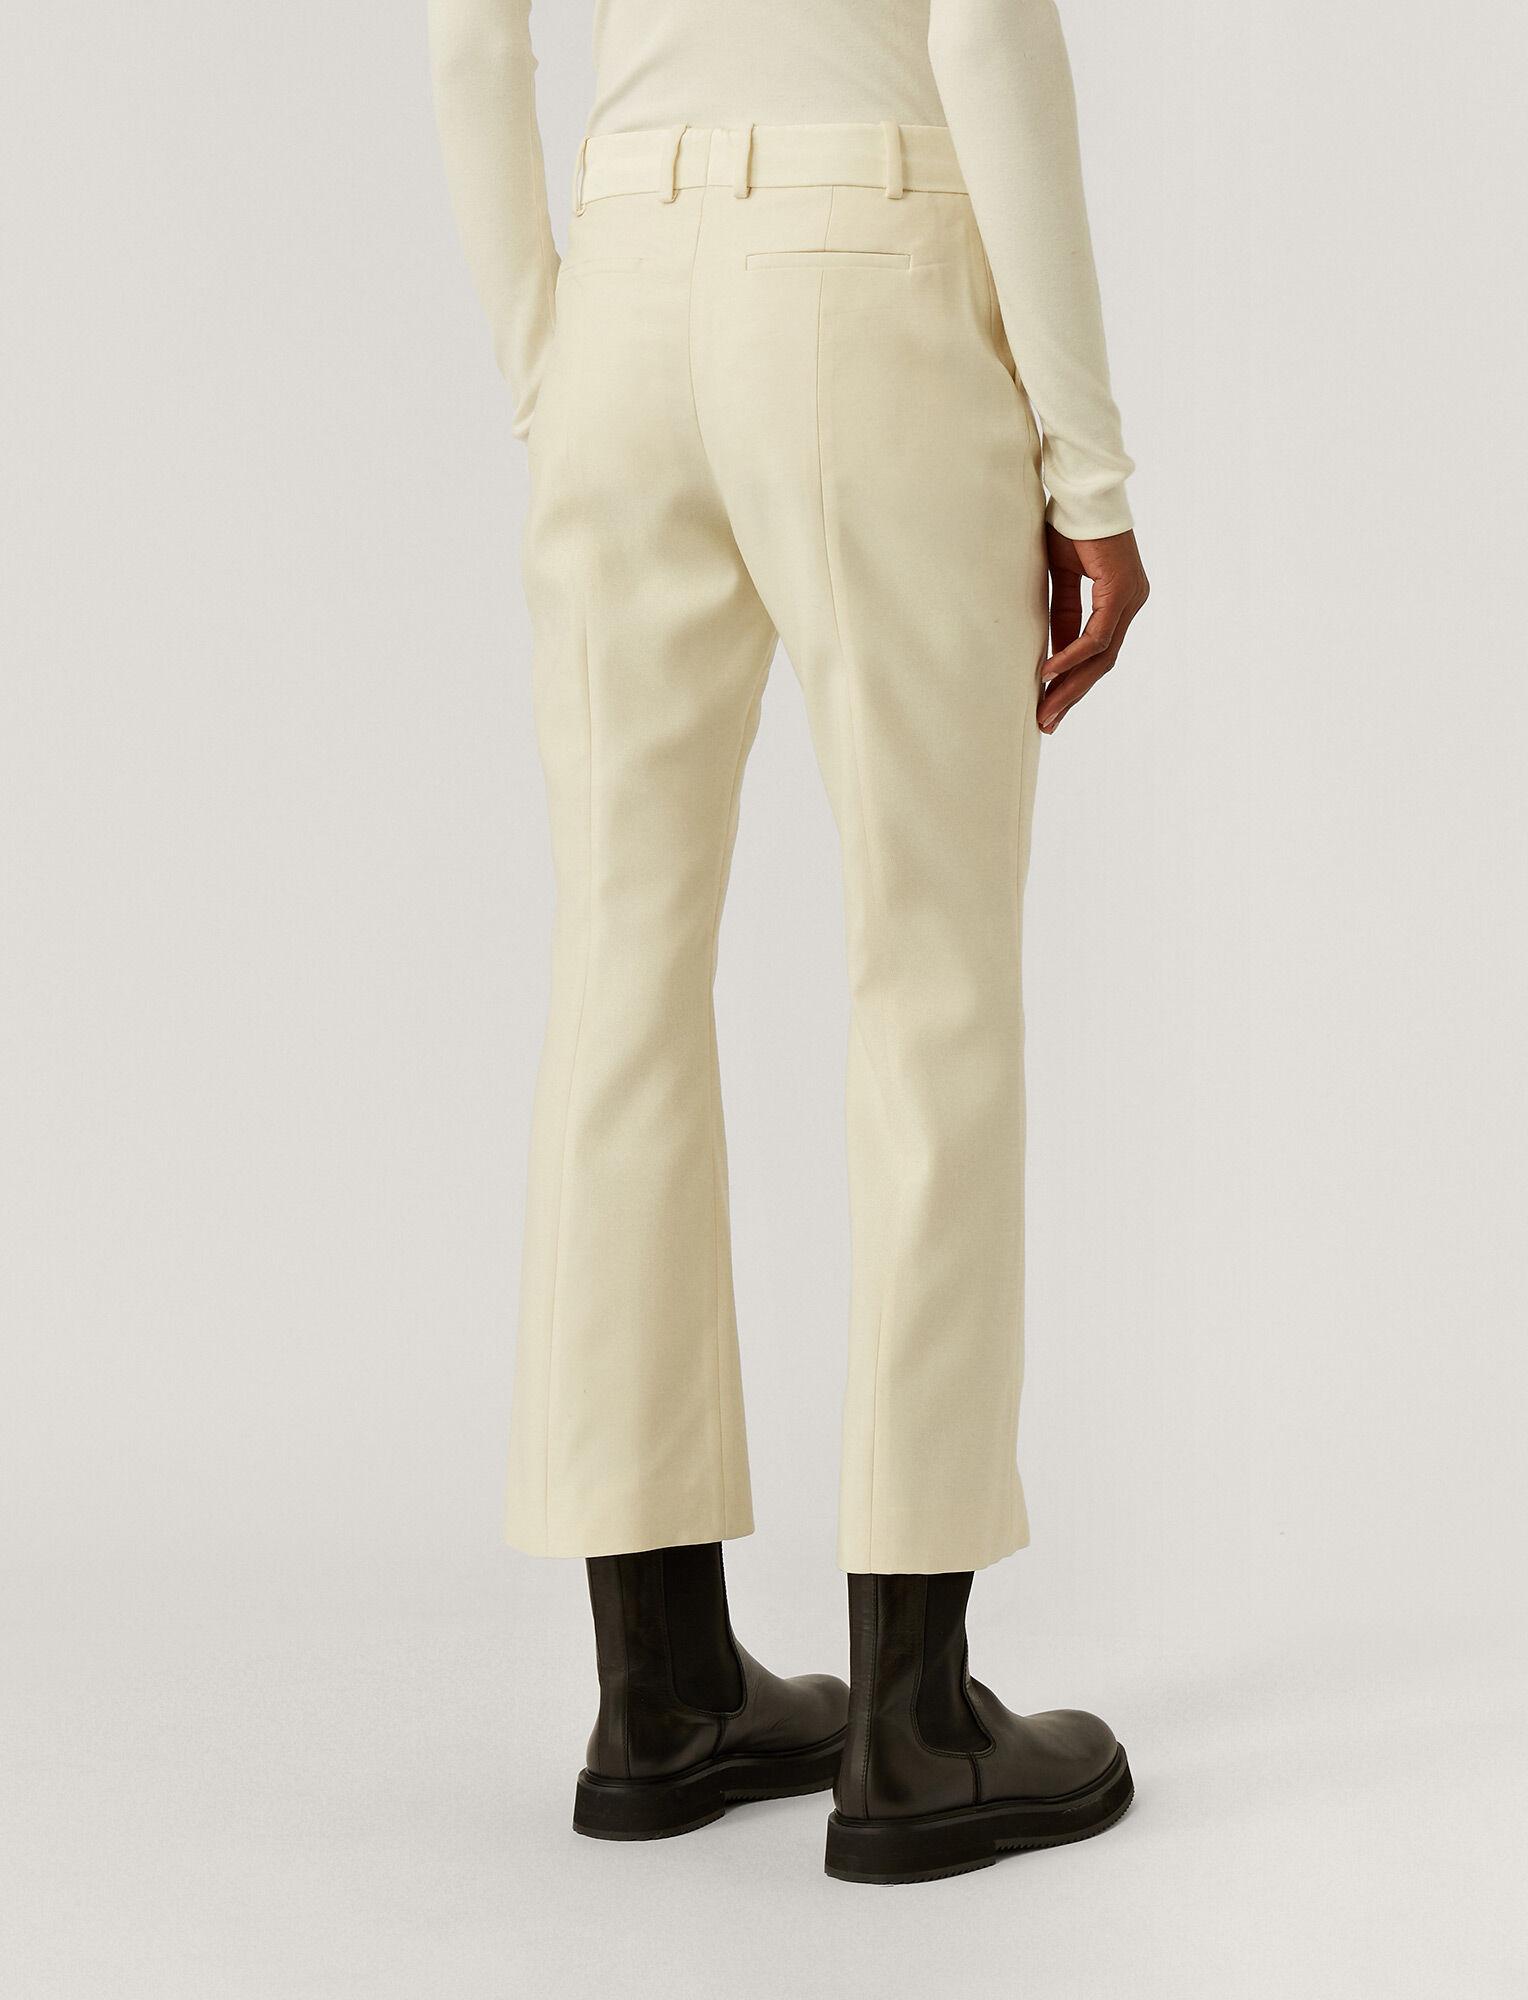 Joseph, Wool Silk Tux Teller Trousers, in IVORY